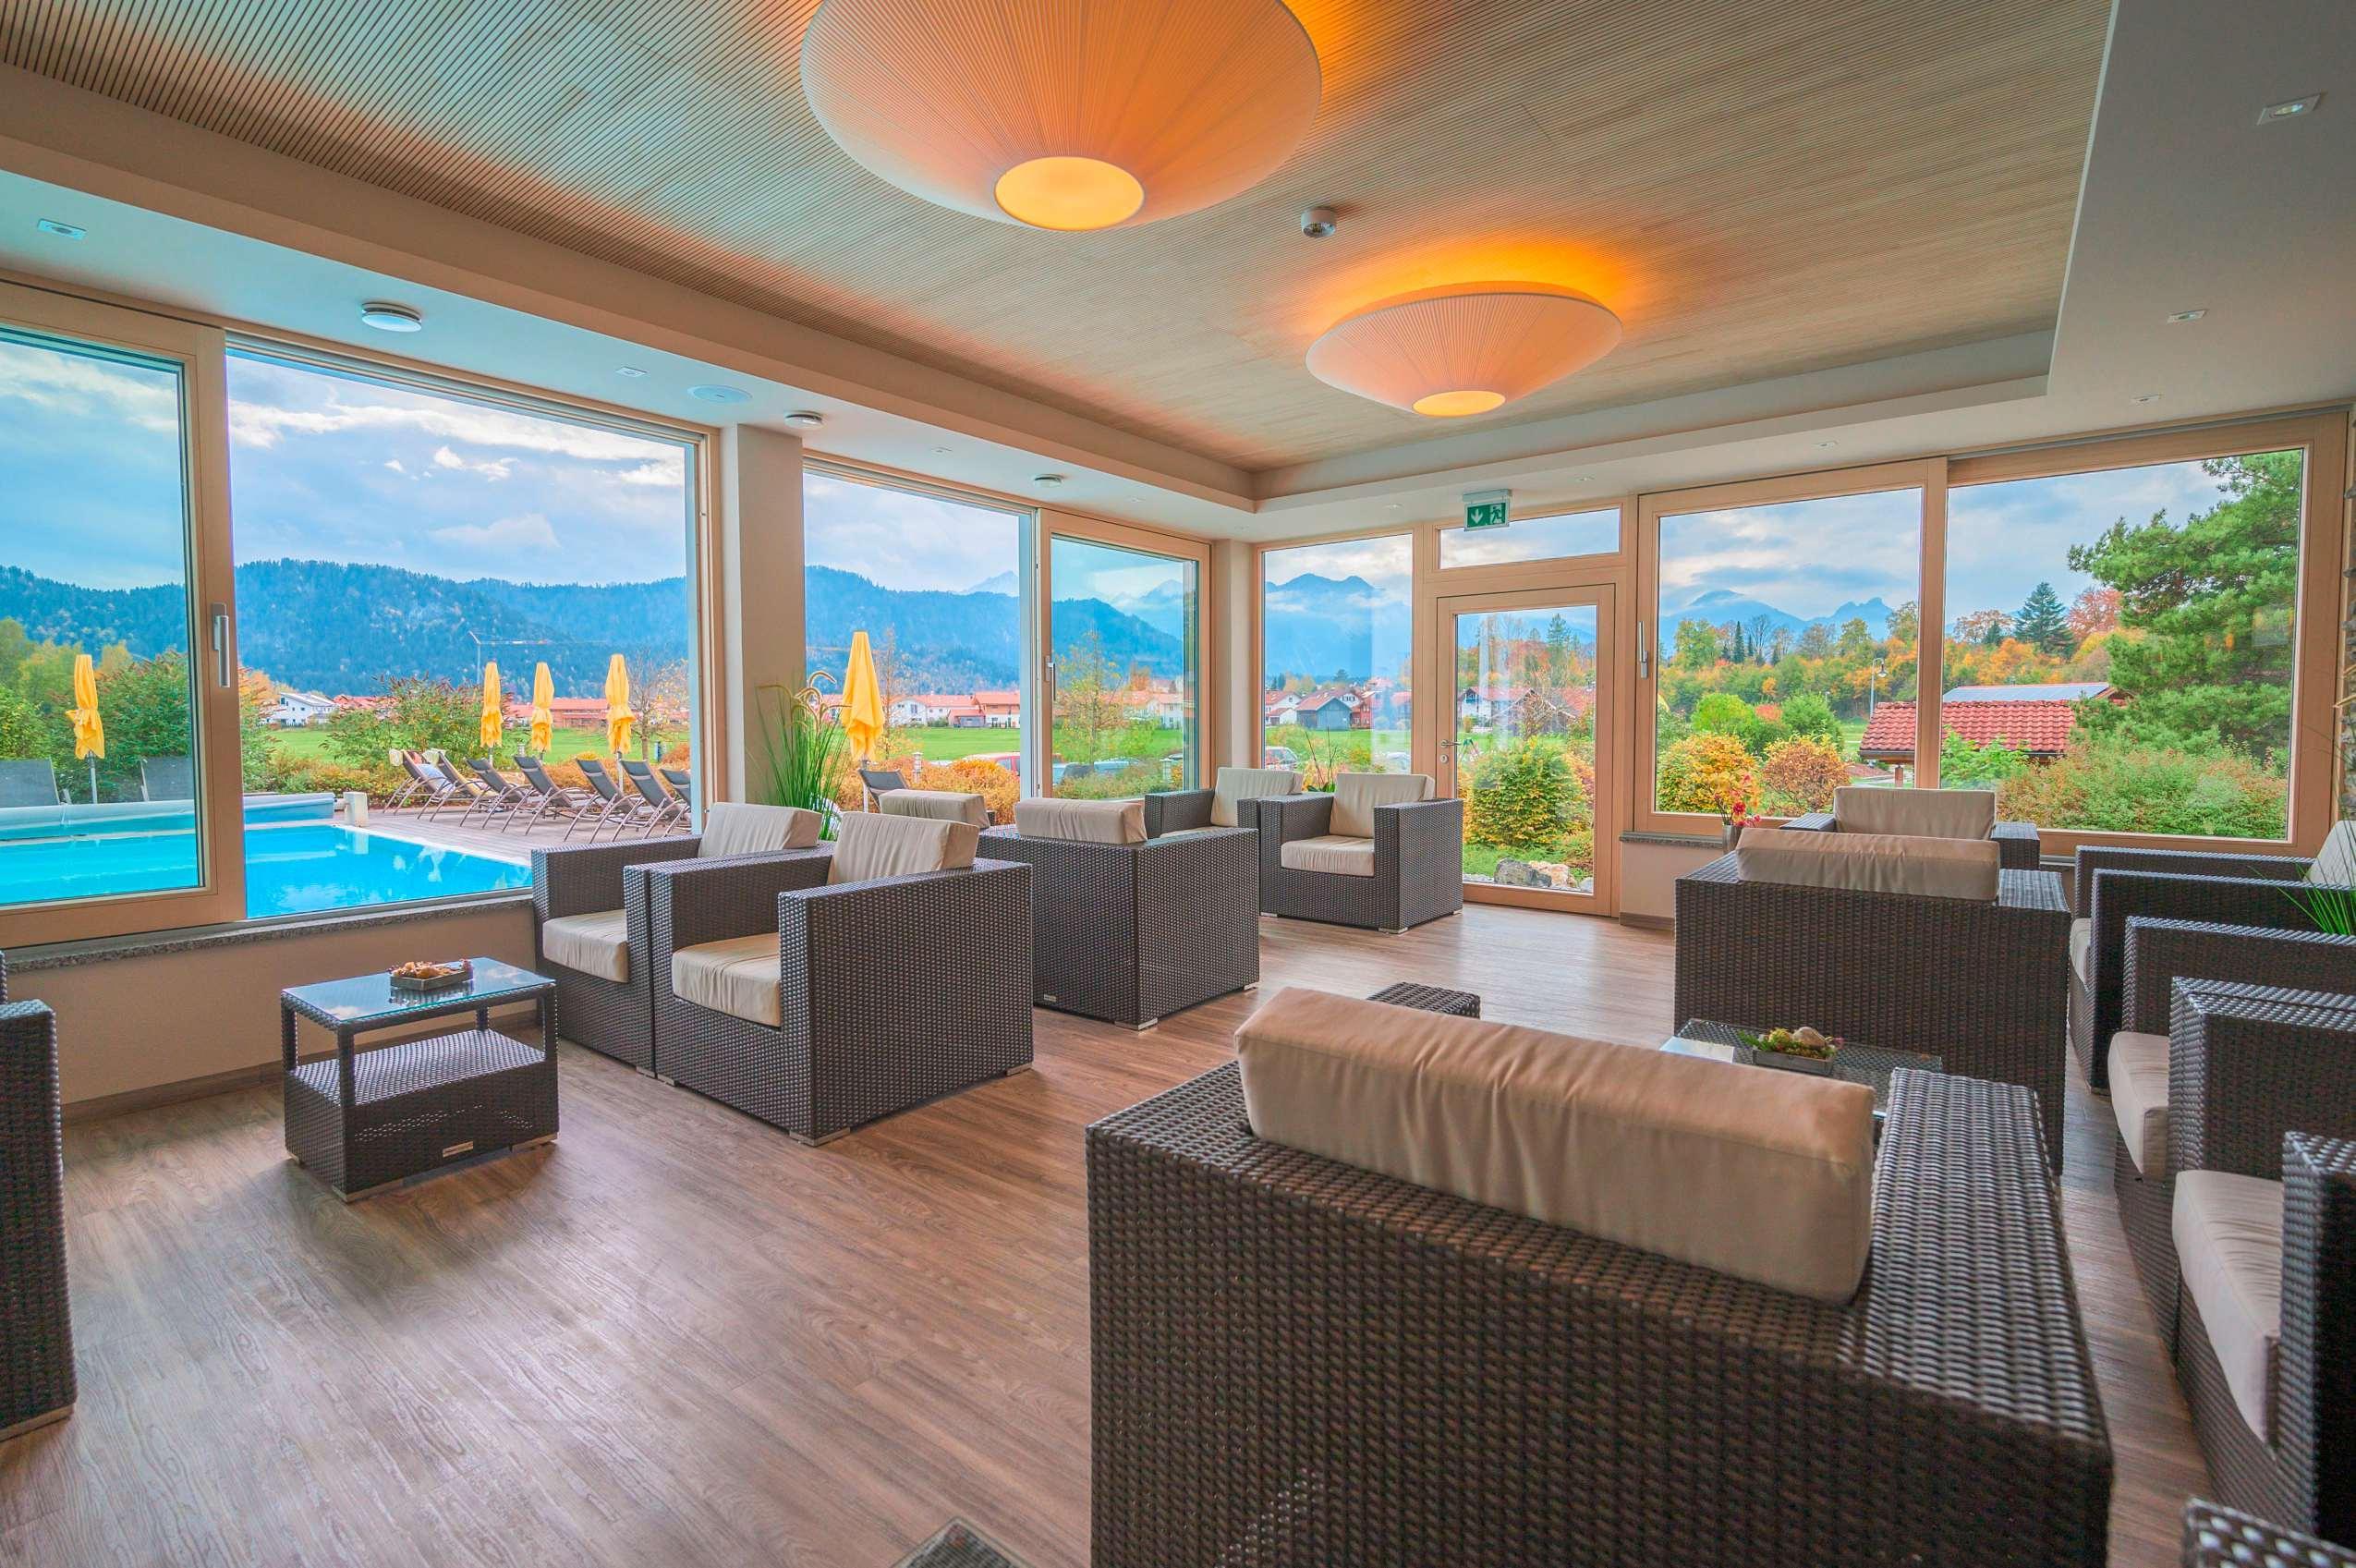 Wellnesshotel im Allgäu Hotel Sommer: Loungebereich mit Ausblick auf Pool und Berge